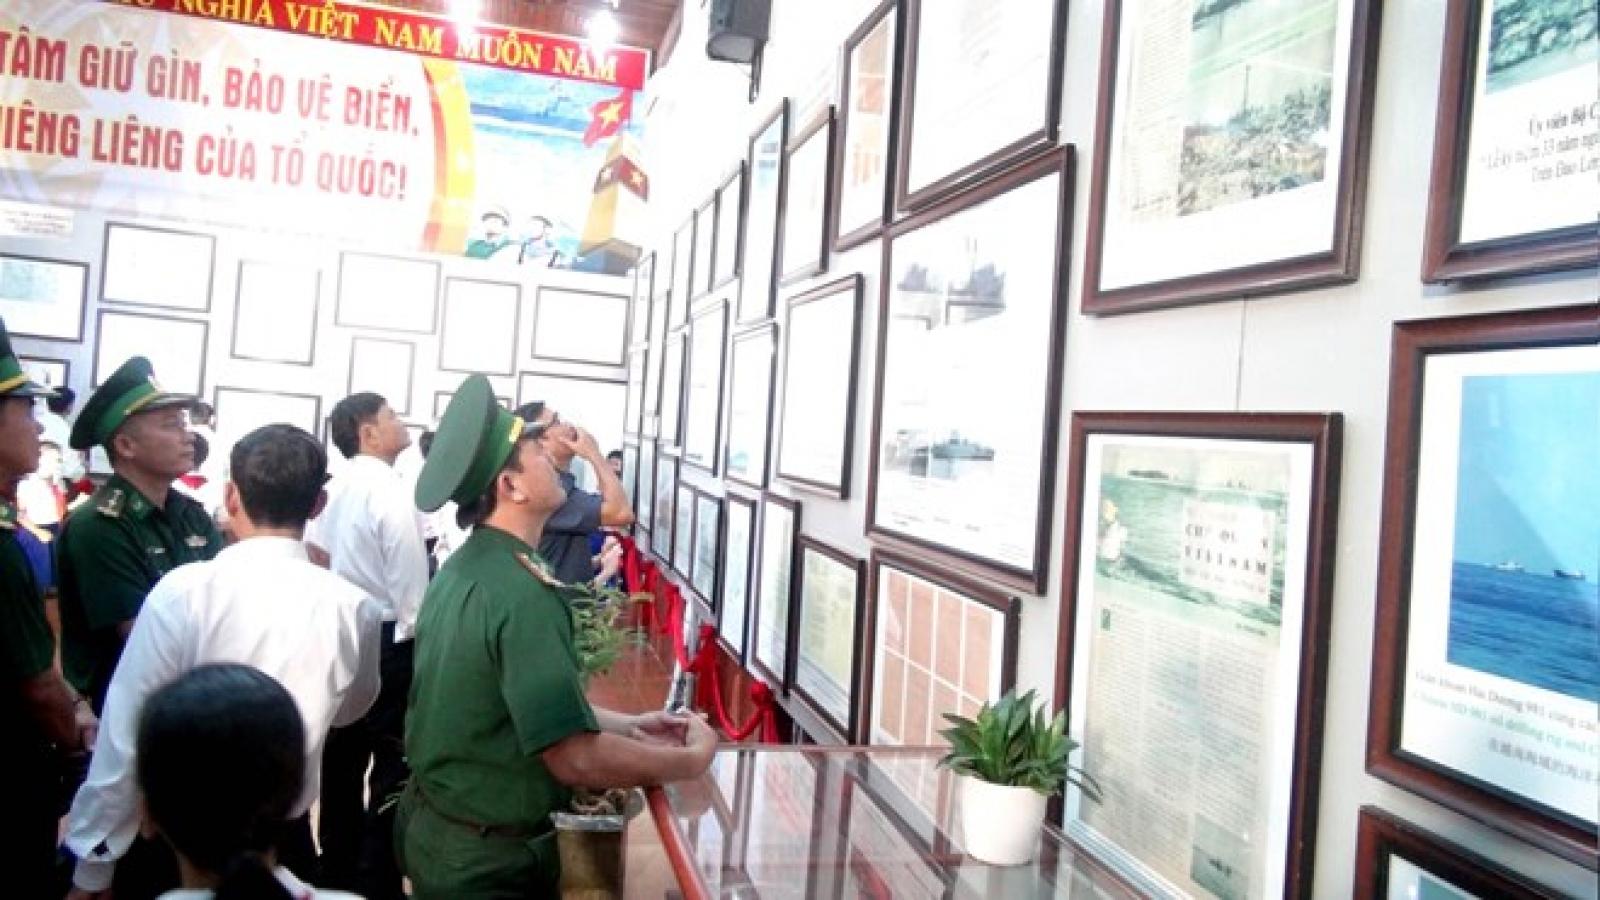 Exhibition on Vietnam's Hoang Sa, Truong Sa held in Quang Tri